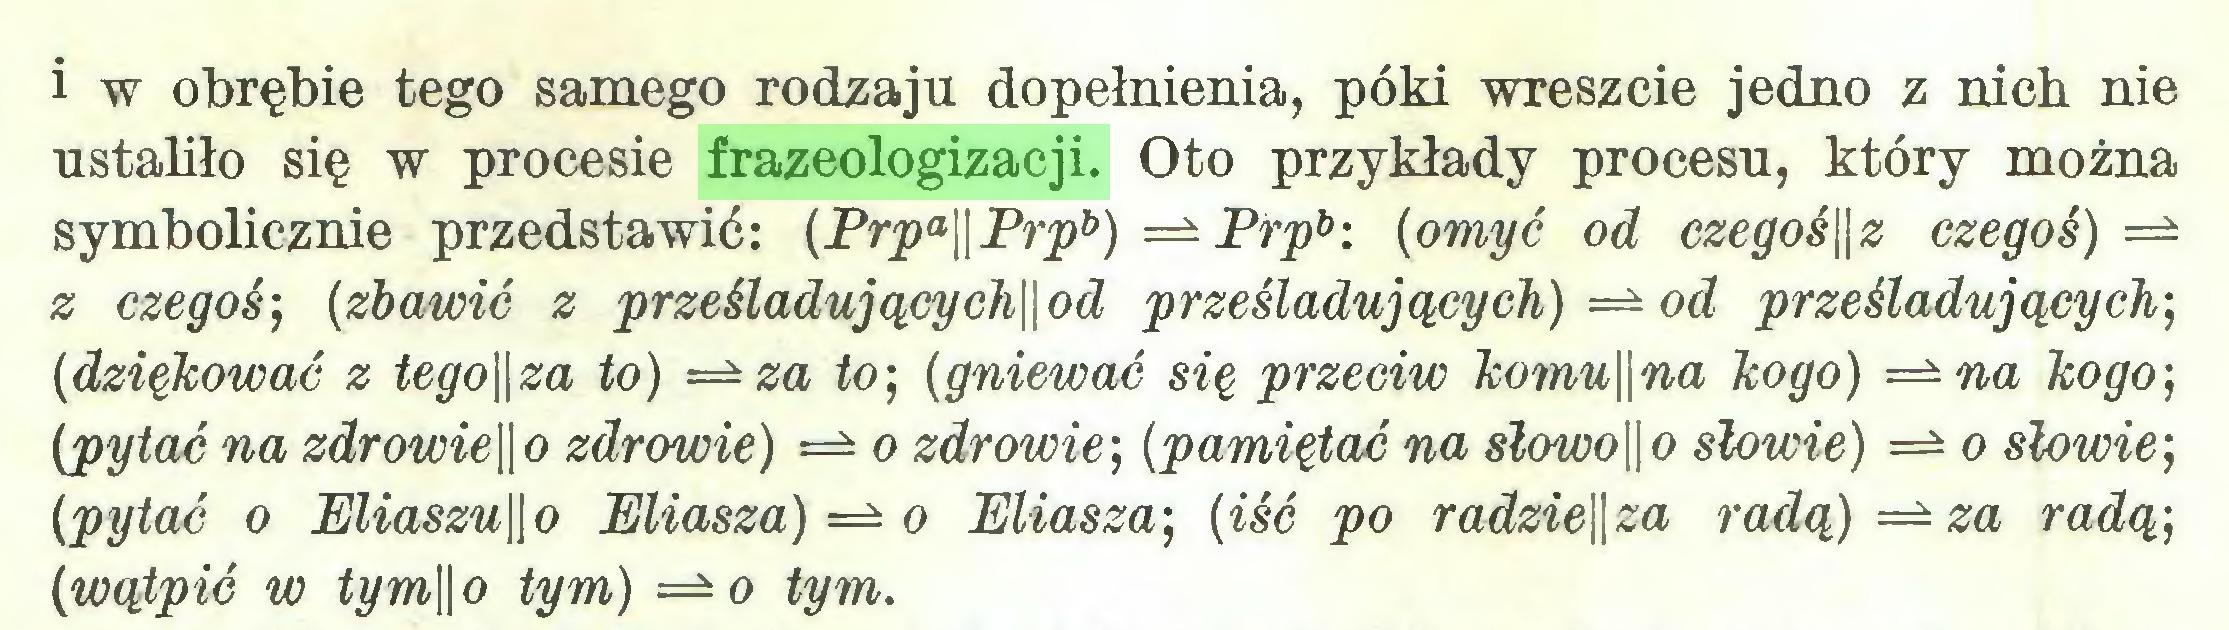 (...) i w obrębie tego samego rodzaju dopełnienia, póki wreszcie jedno z nich nie ustaliło się w procesie frazeologizacji. Oto przykłady procesu, który można symbolicznie przedstawić: (Prpa\\Prpb) =± Prpb: (omyć od czegoś\\z czegoś) =± z czegoś; (zbawić z prześladującycłi\\od prześladujących) =± od prześladujących; (dziękować z tego\\za to) =±za to; (gniewać się przeciw komu\\na kogo) =±na kogo; (pytać na zdrowie\\o zdrowie) o zdrowie; (pamiętać na slowo\\o słowie) ==* o słowie; (pytać o Eliaszu\\o Eliasza) o Eliasza; (iść po radzie\\za radą) za radą; (wątpić w tym\\ o tym) =* o tym...